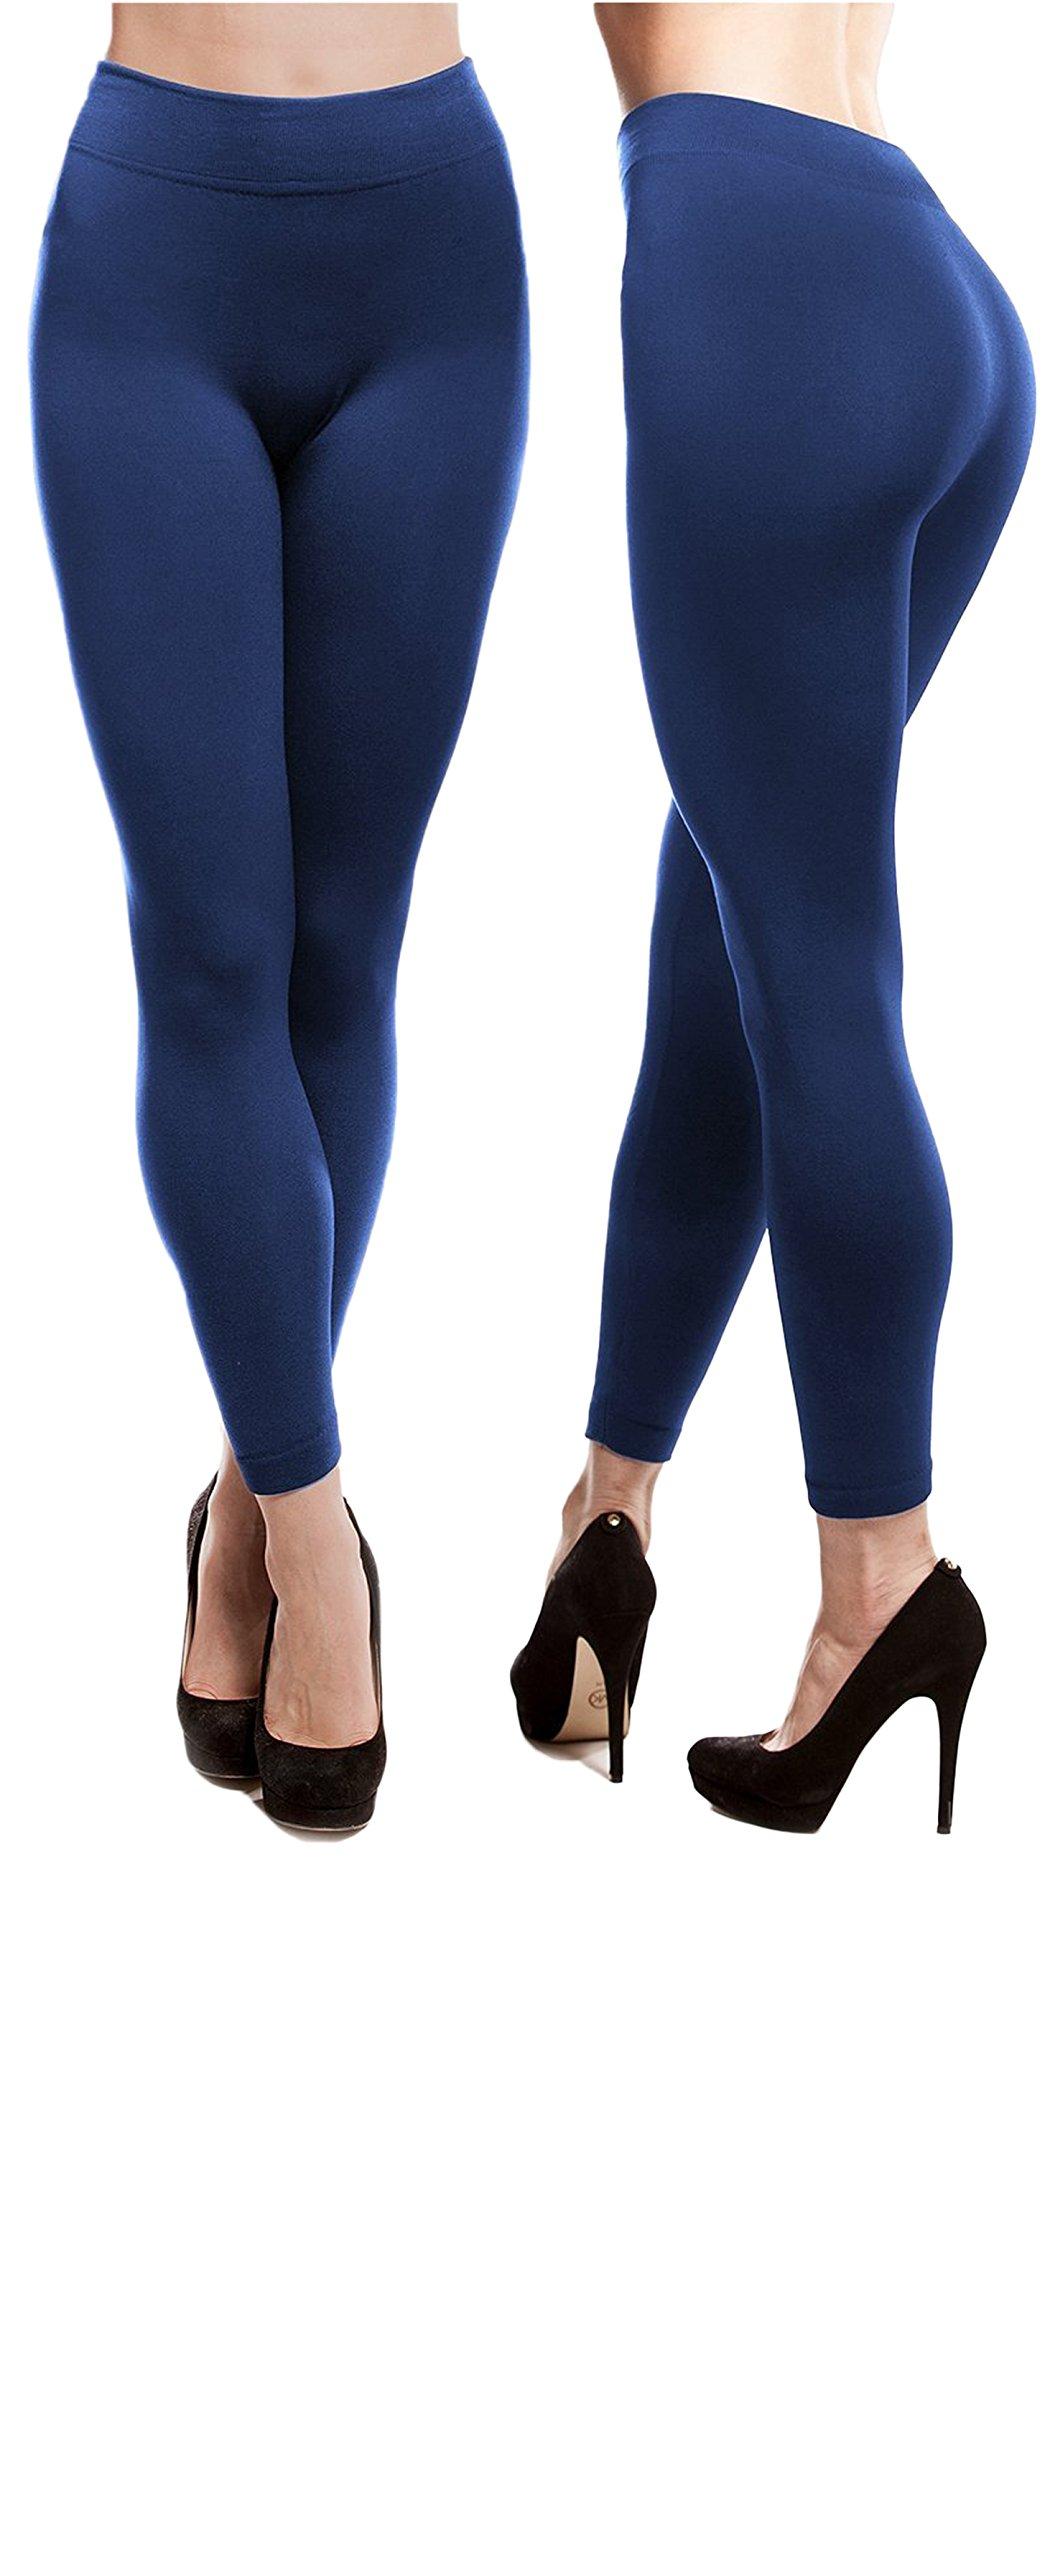 Best Brand Basics Women's 6 Pack Soft Spandex Fleece Lined Warm Long Leggings - Pack of 6 (S/M ( 5-6 ), 6 Pack - Black) by Best Brand Basics (Image #2)